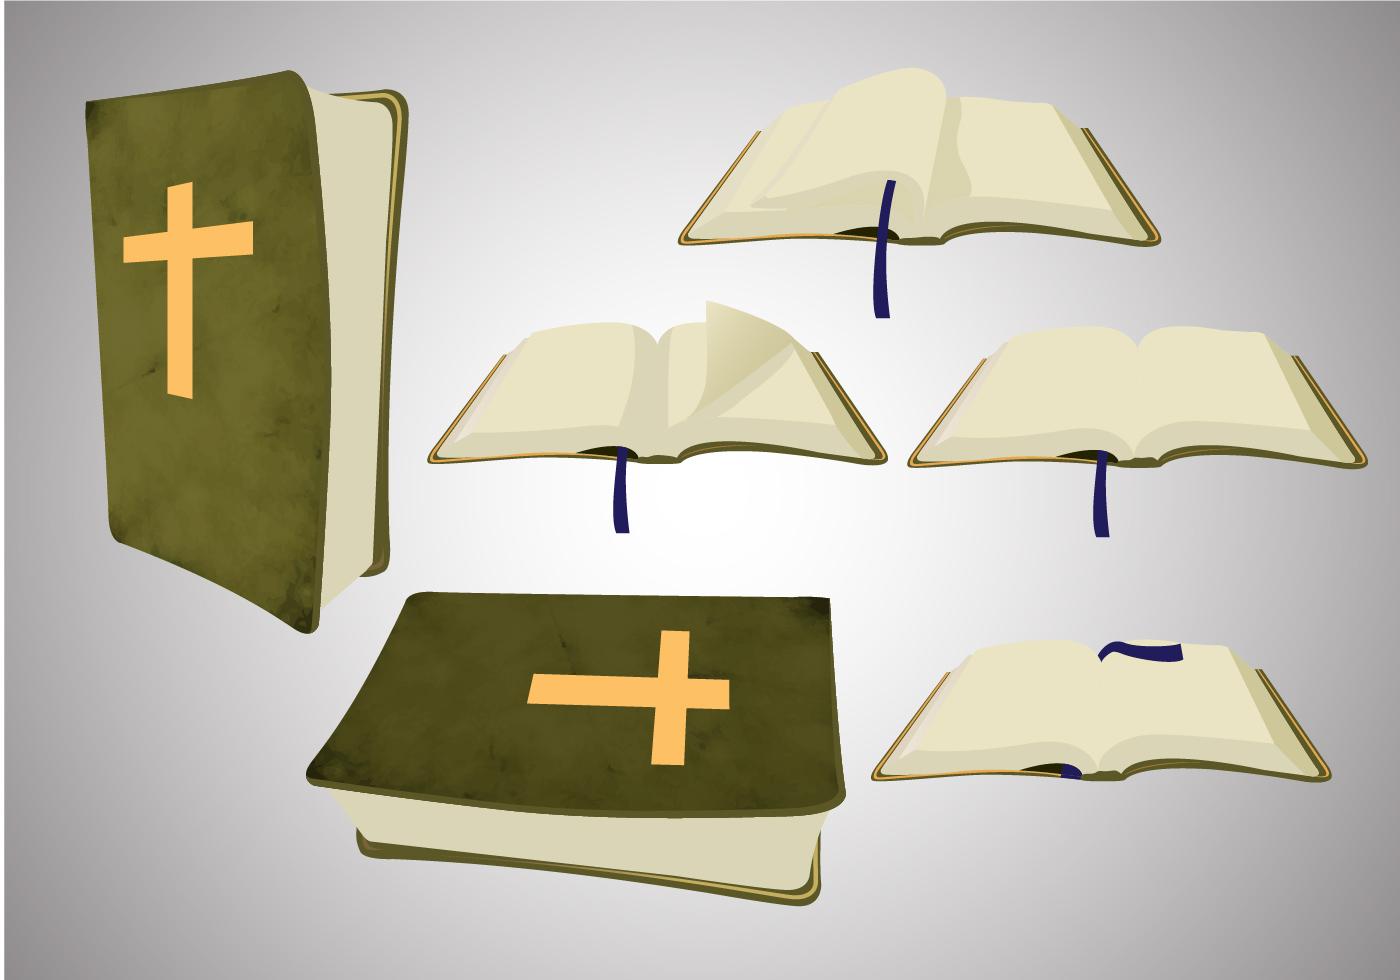 Bible Vectors - Download Free Vector Art, Stock Graphics ...